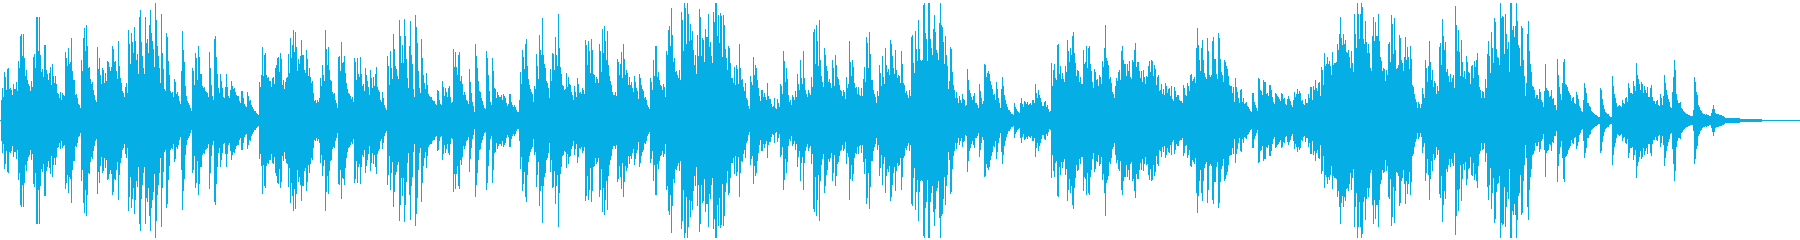 ややゆったりとしたテンポのピアノ曲の再生済みの波形